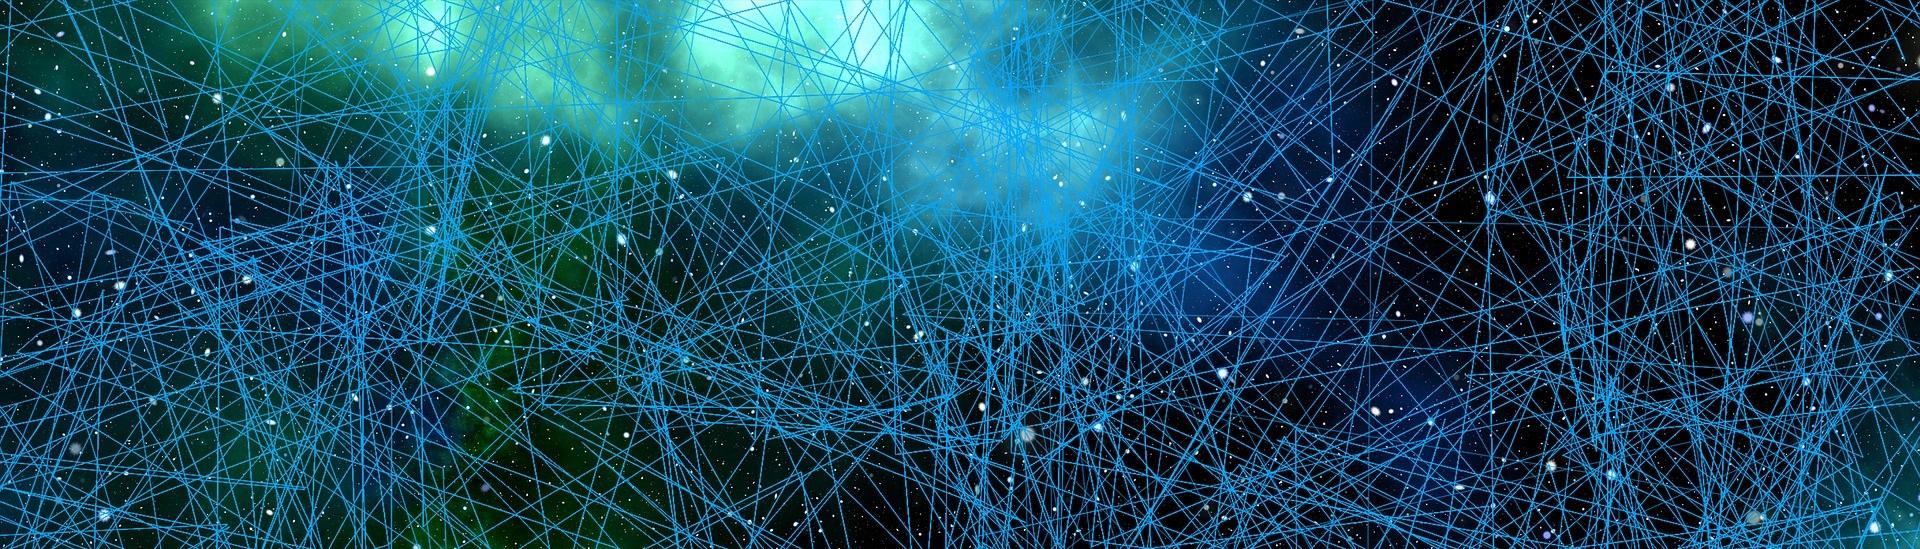 Nätverk i rymden, gröna och blåa nyanser.